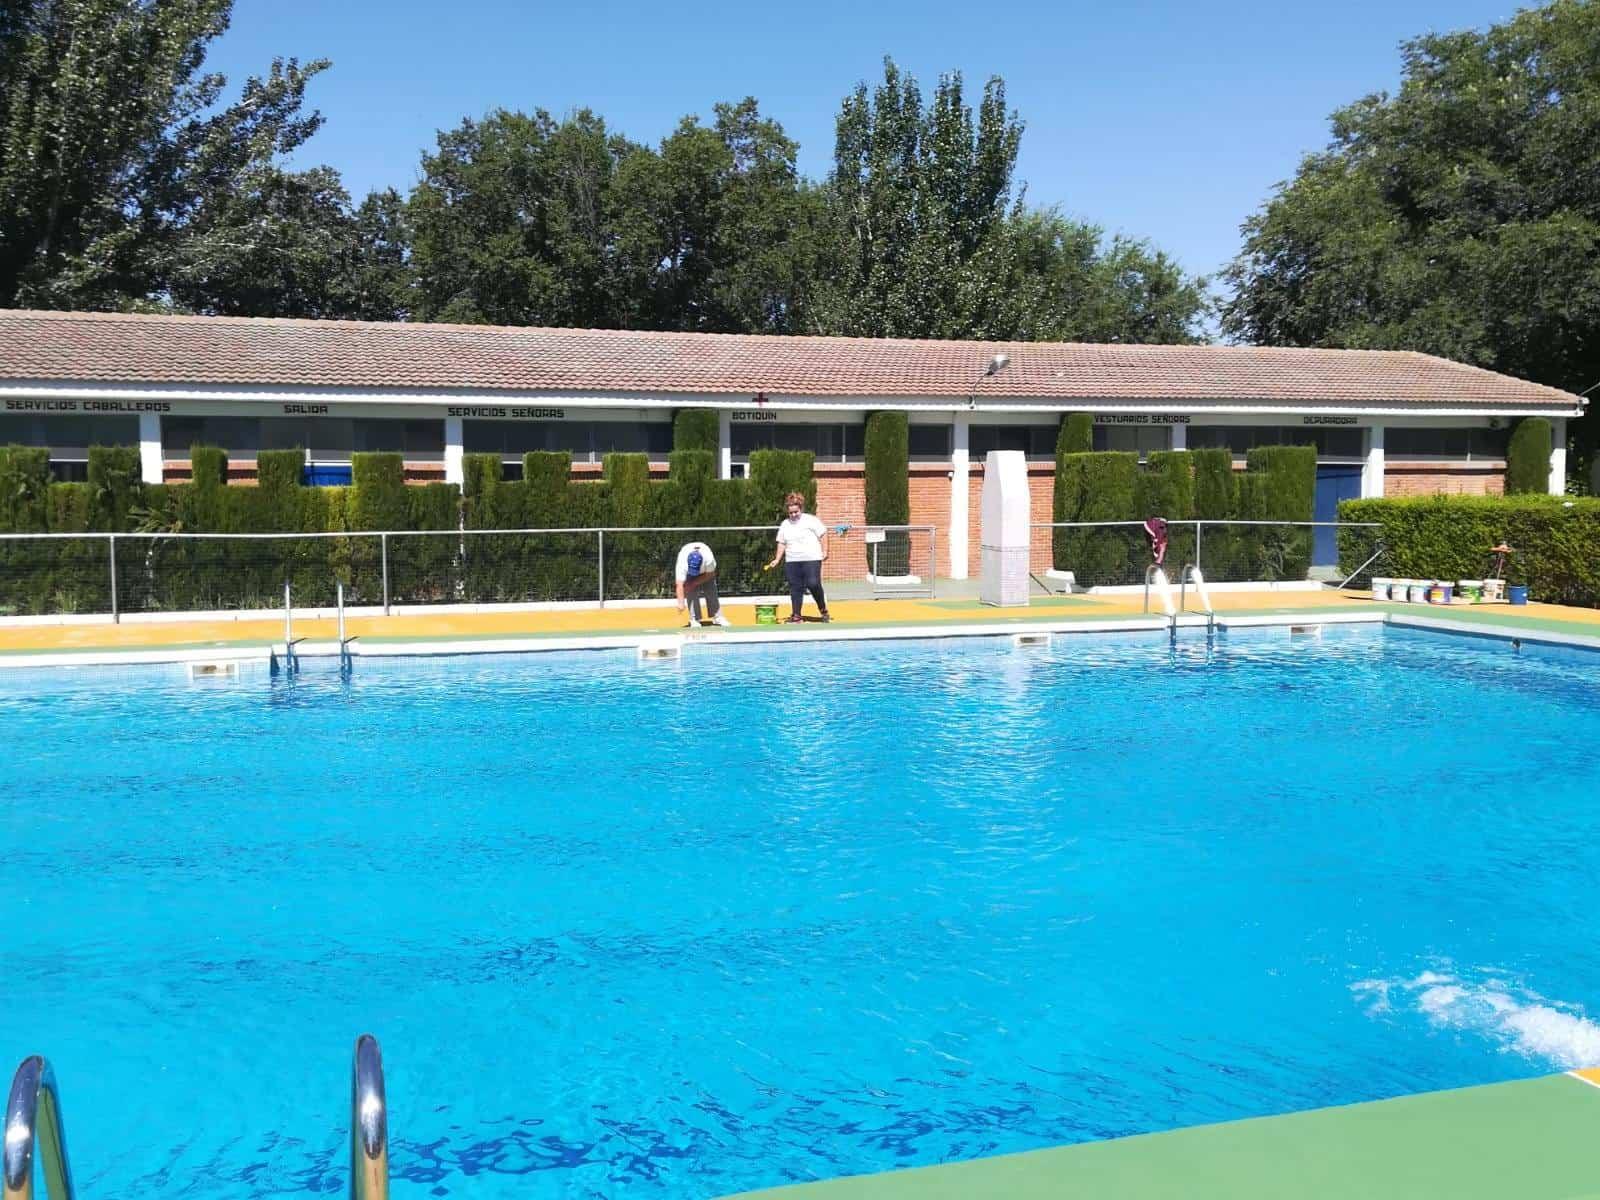 Finalizadas las tareas de mantenimiento de la Piscina Municipal 3 - La piscina municipal abrirá sus puertas el 15 de junio durante tres meses